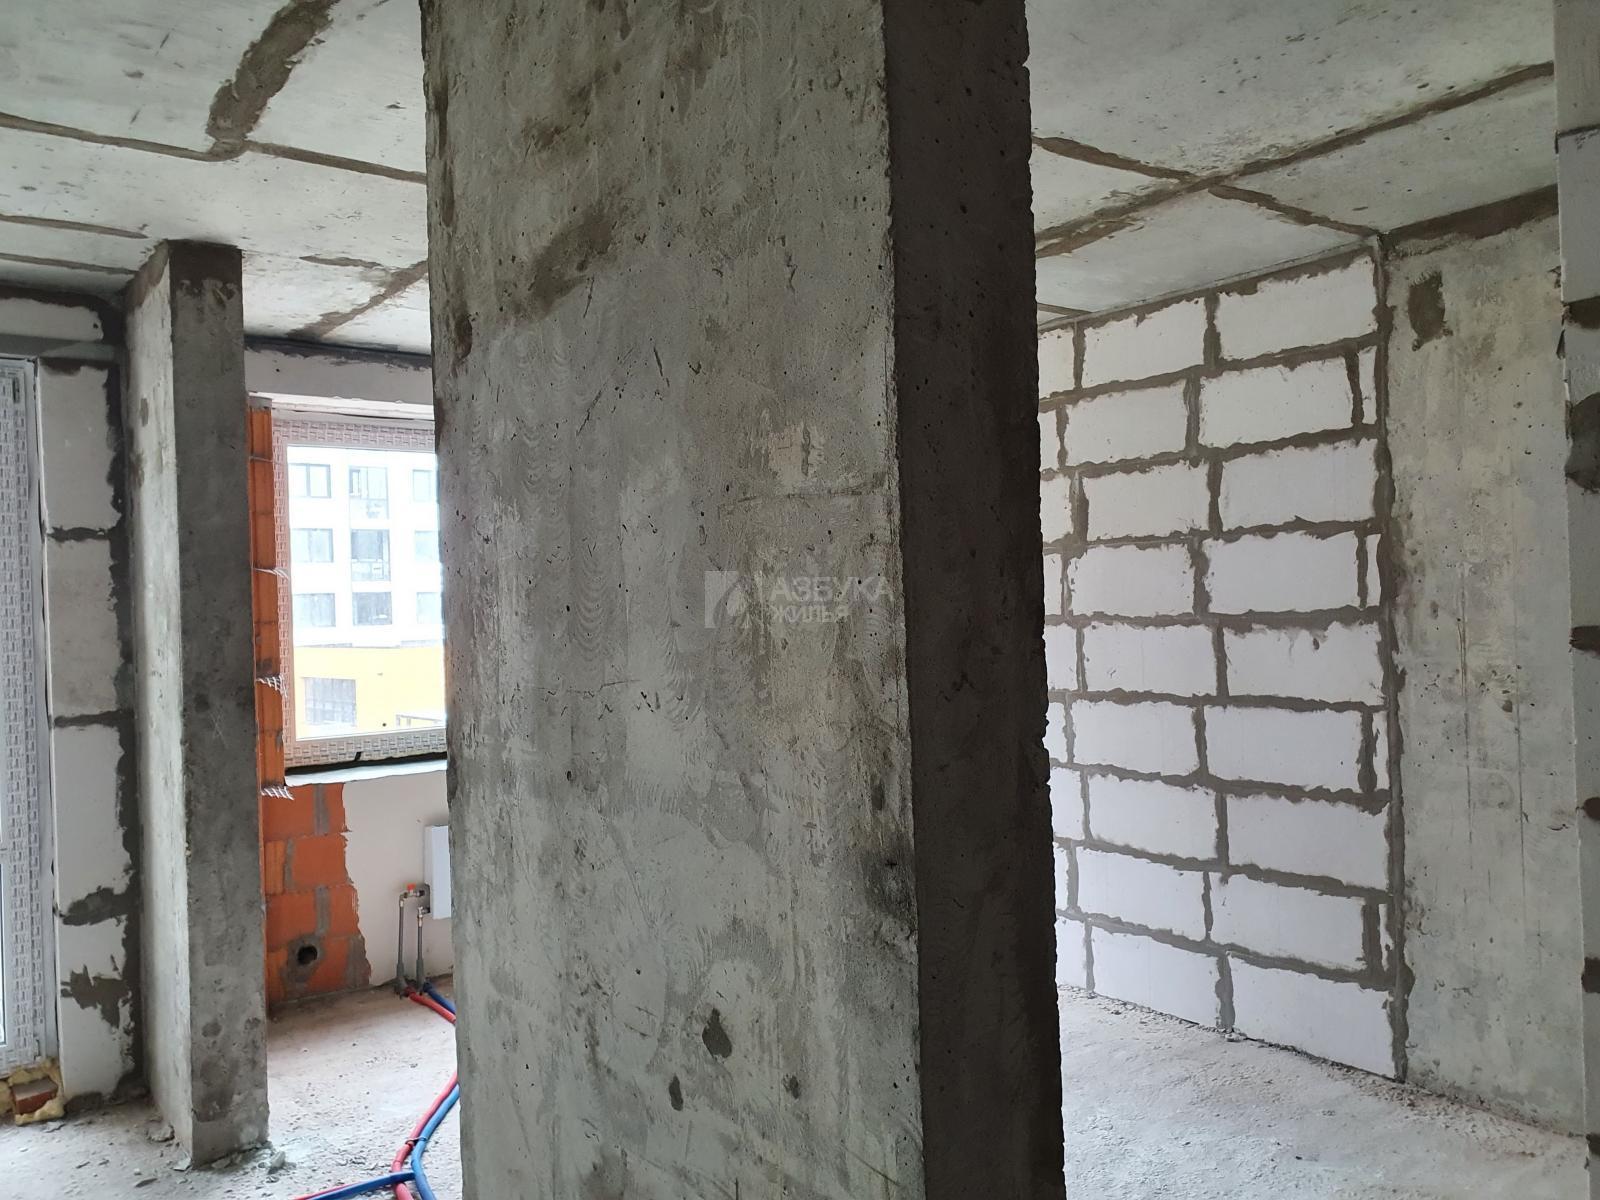 Фото №8 - 1-комнатная квартира, Москва, поселок Сосенское, Василия Ощепкова улица 3, метро Коммунарка